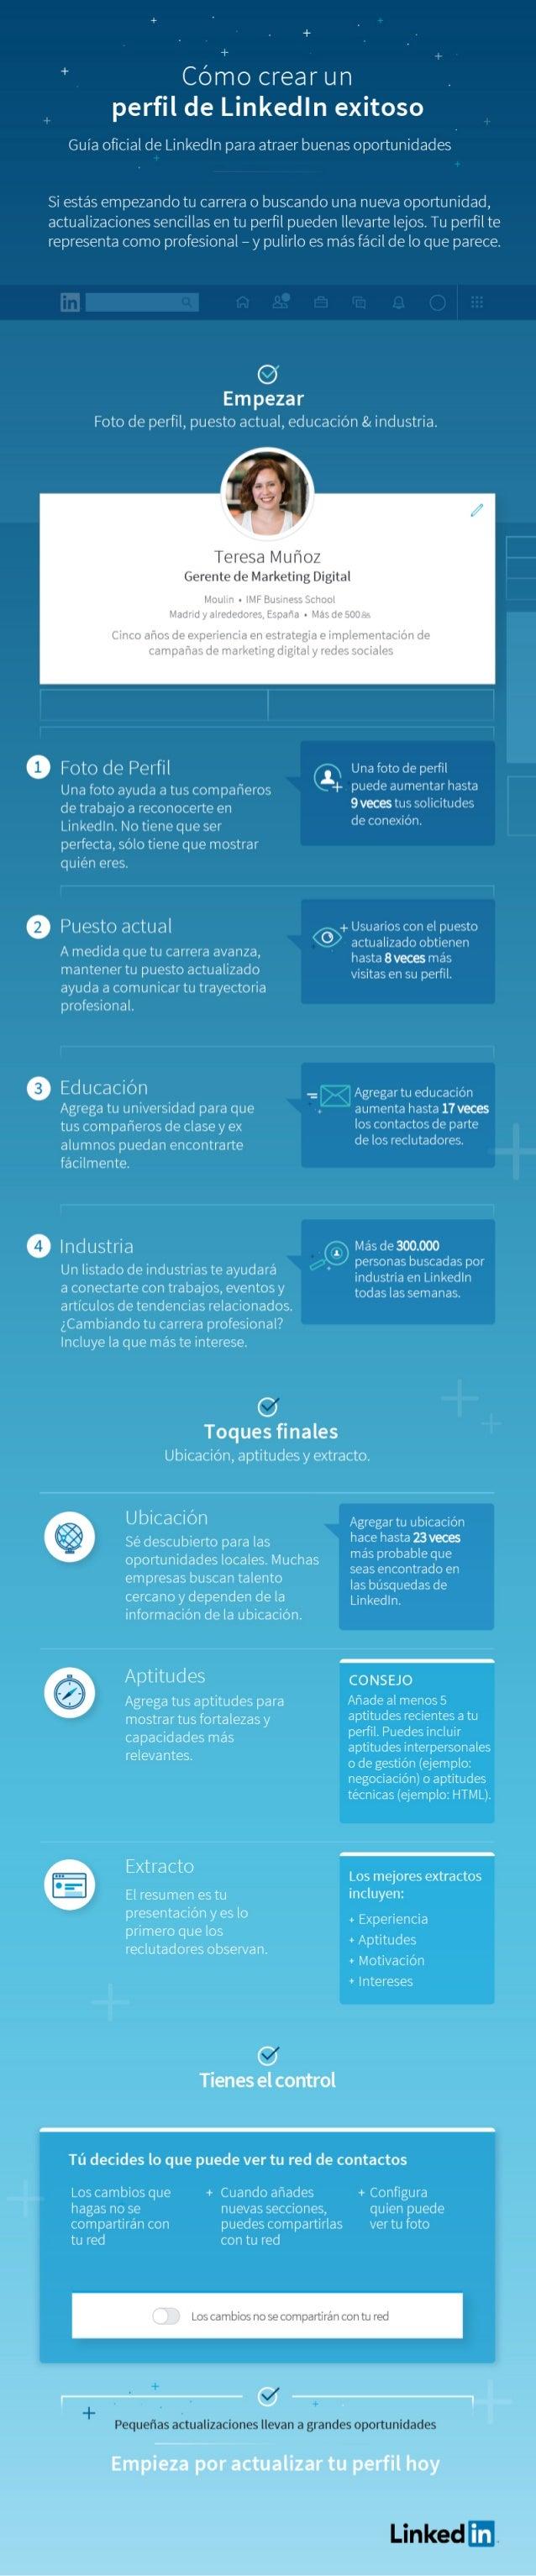 Infografía | Cómo crear un perfil exitoso